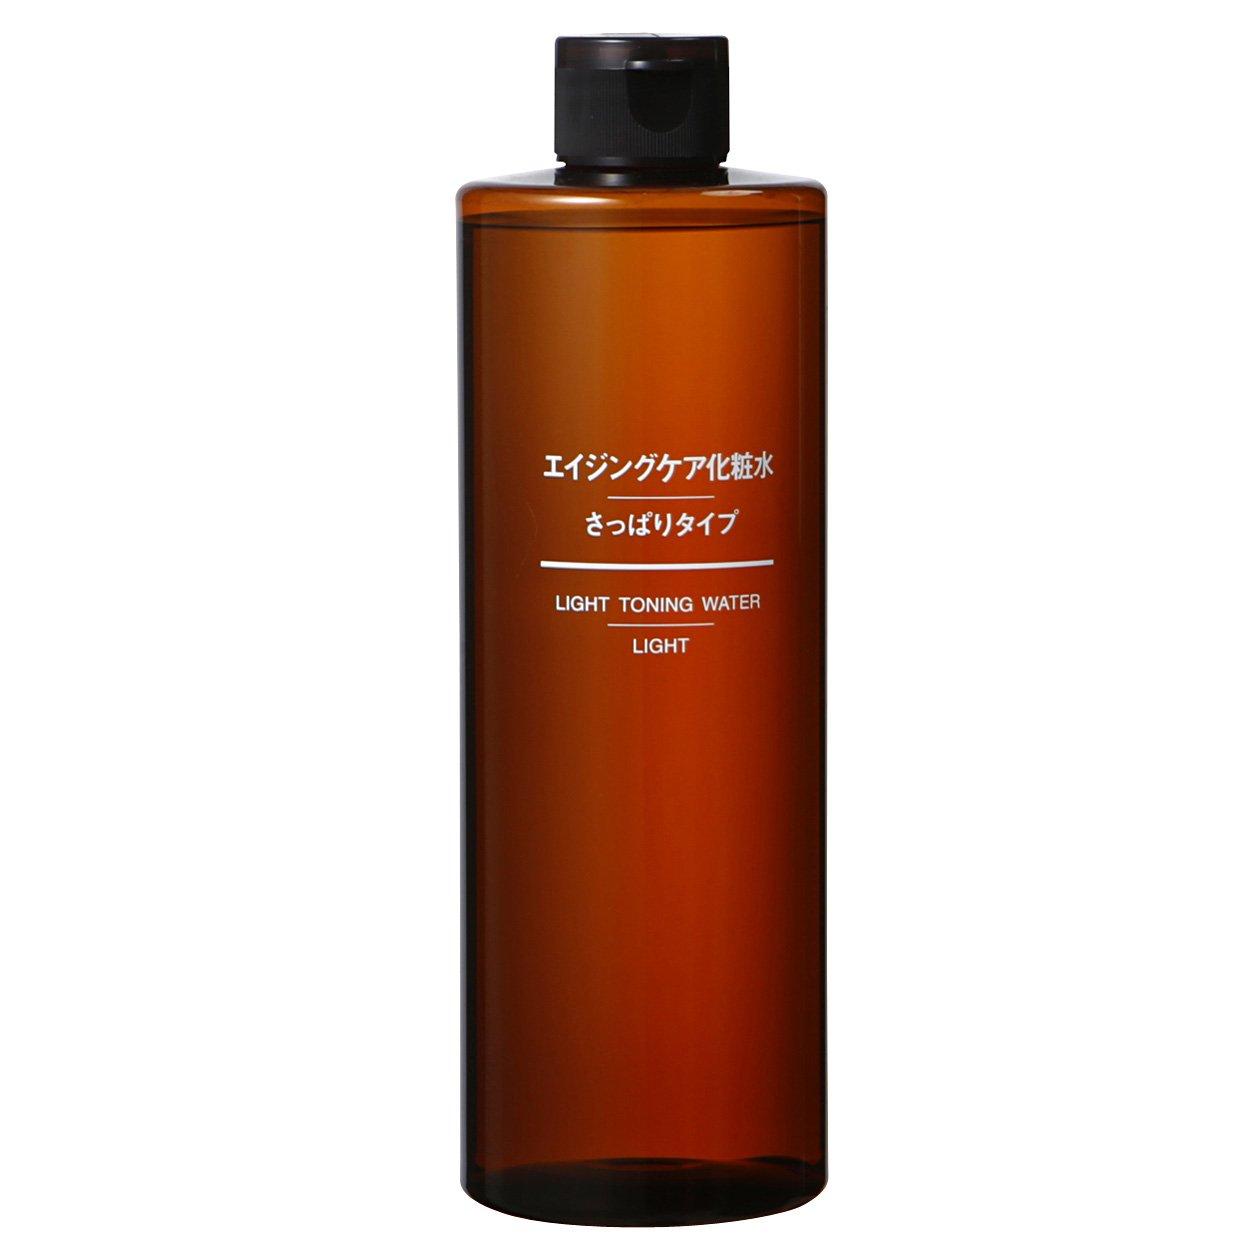 おすすめプチプラ化粧水6選!安いからたっぷり使える